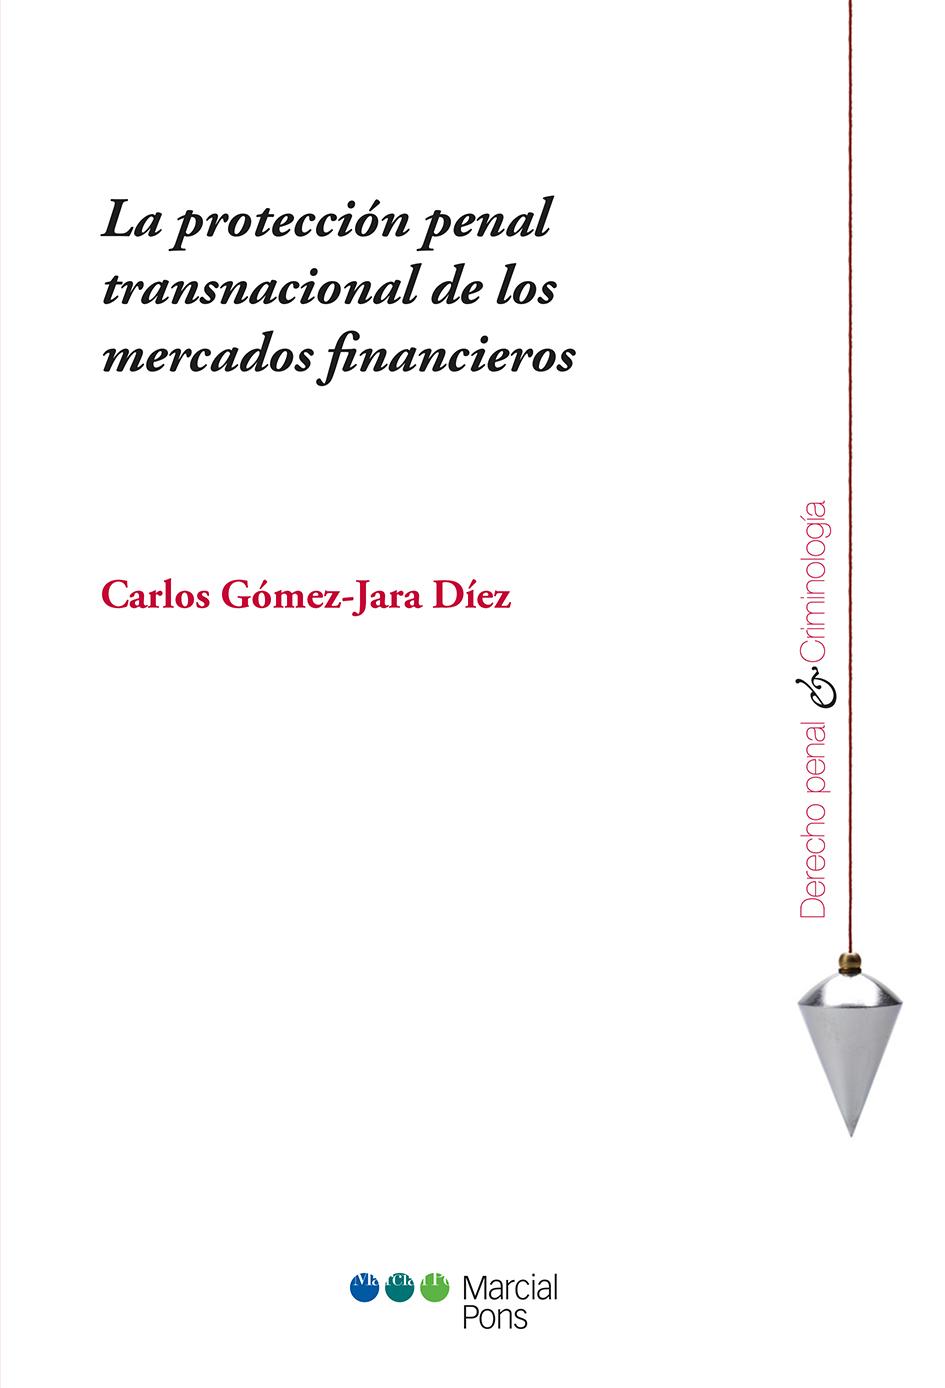 Portada del libro La protección penal transnacional de los mercados financieros